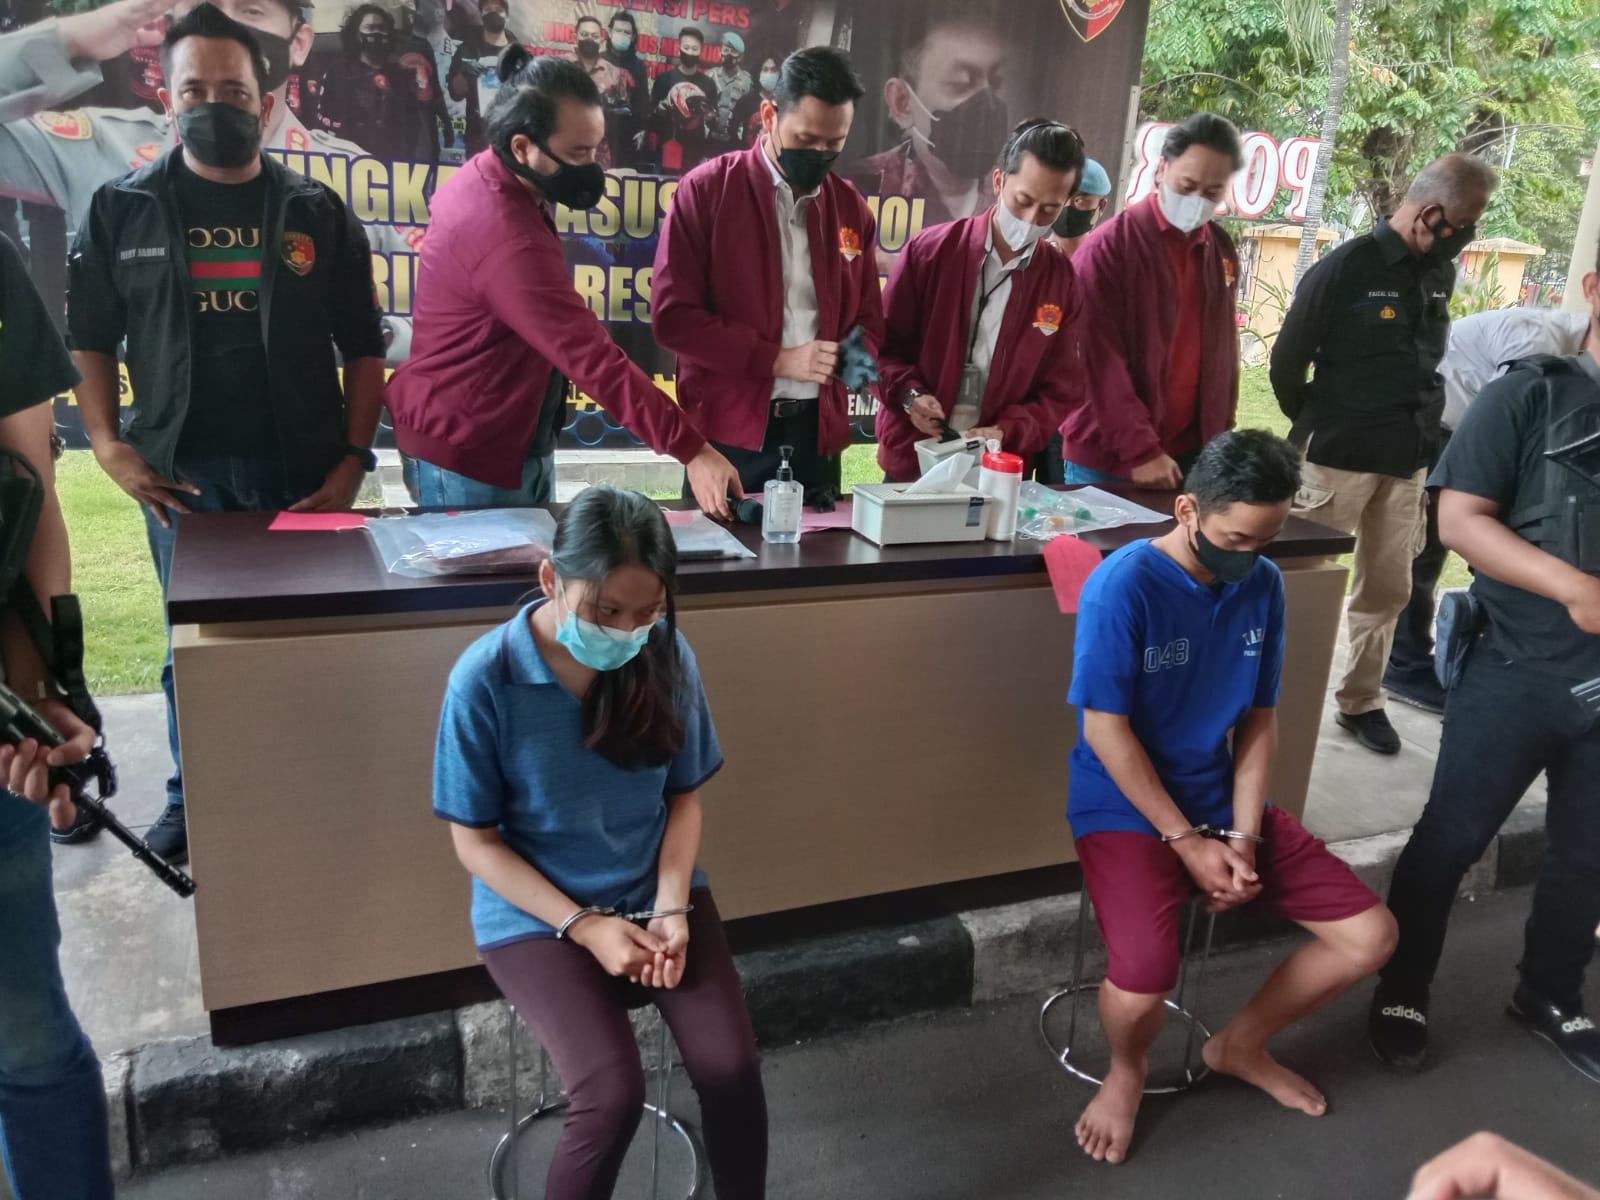 Kedua tersangka dalam gelar pekara di Mapolrestabes Semarang, Senin (4/10/2021). FOTO: Tito Isna Utama/Lingkar.co